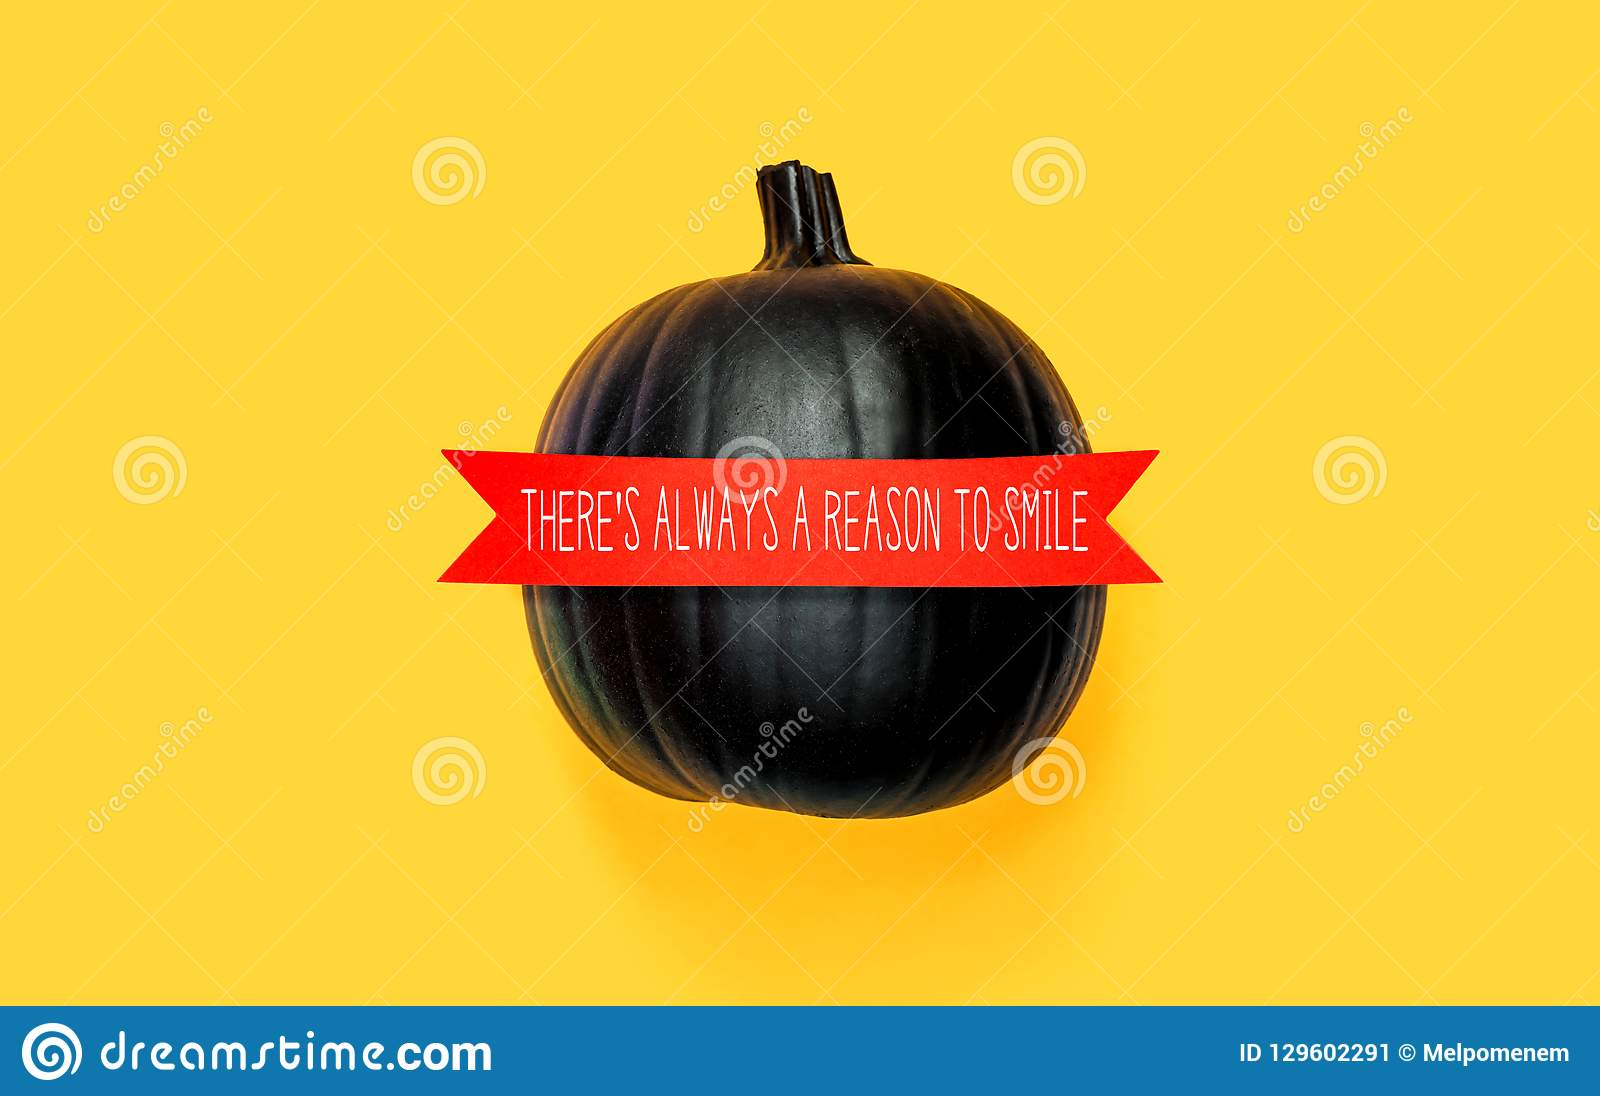 Υπάρχει πάντα ένας λόγος να χαμογελάσει με μια μαύρη κολοκύθα